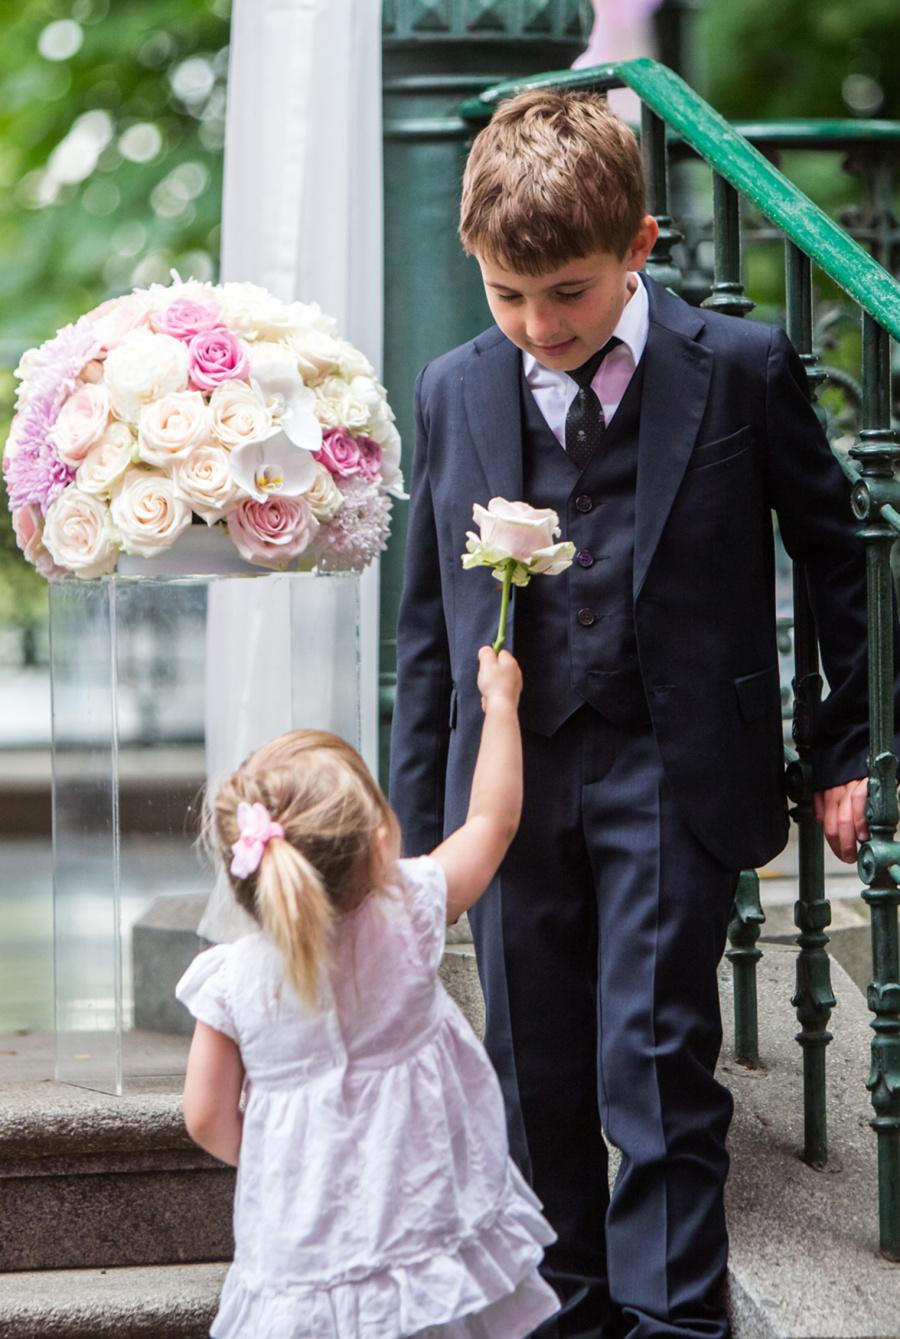 POKUD RODIČE DĚTI NA SVATBU VEZMOU (berme děti od 1 roku do 10 let) f2d705fa30